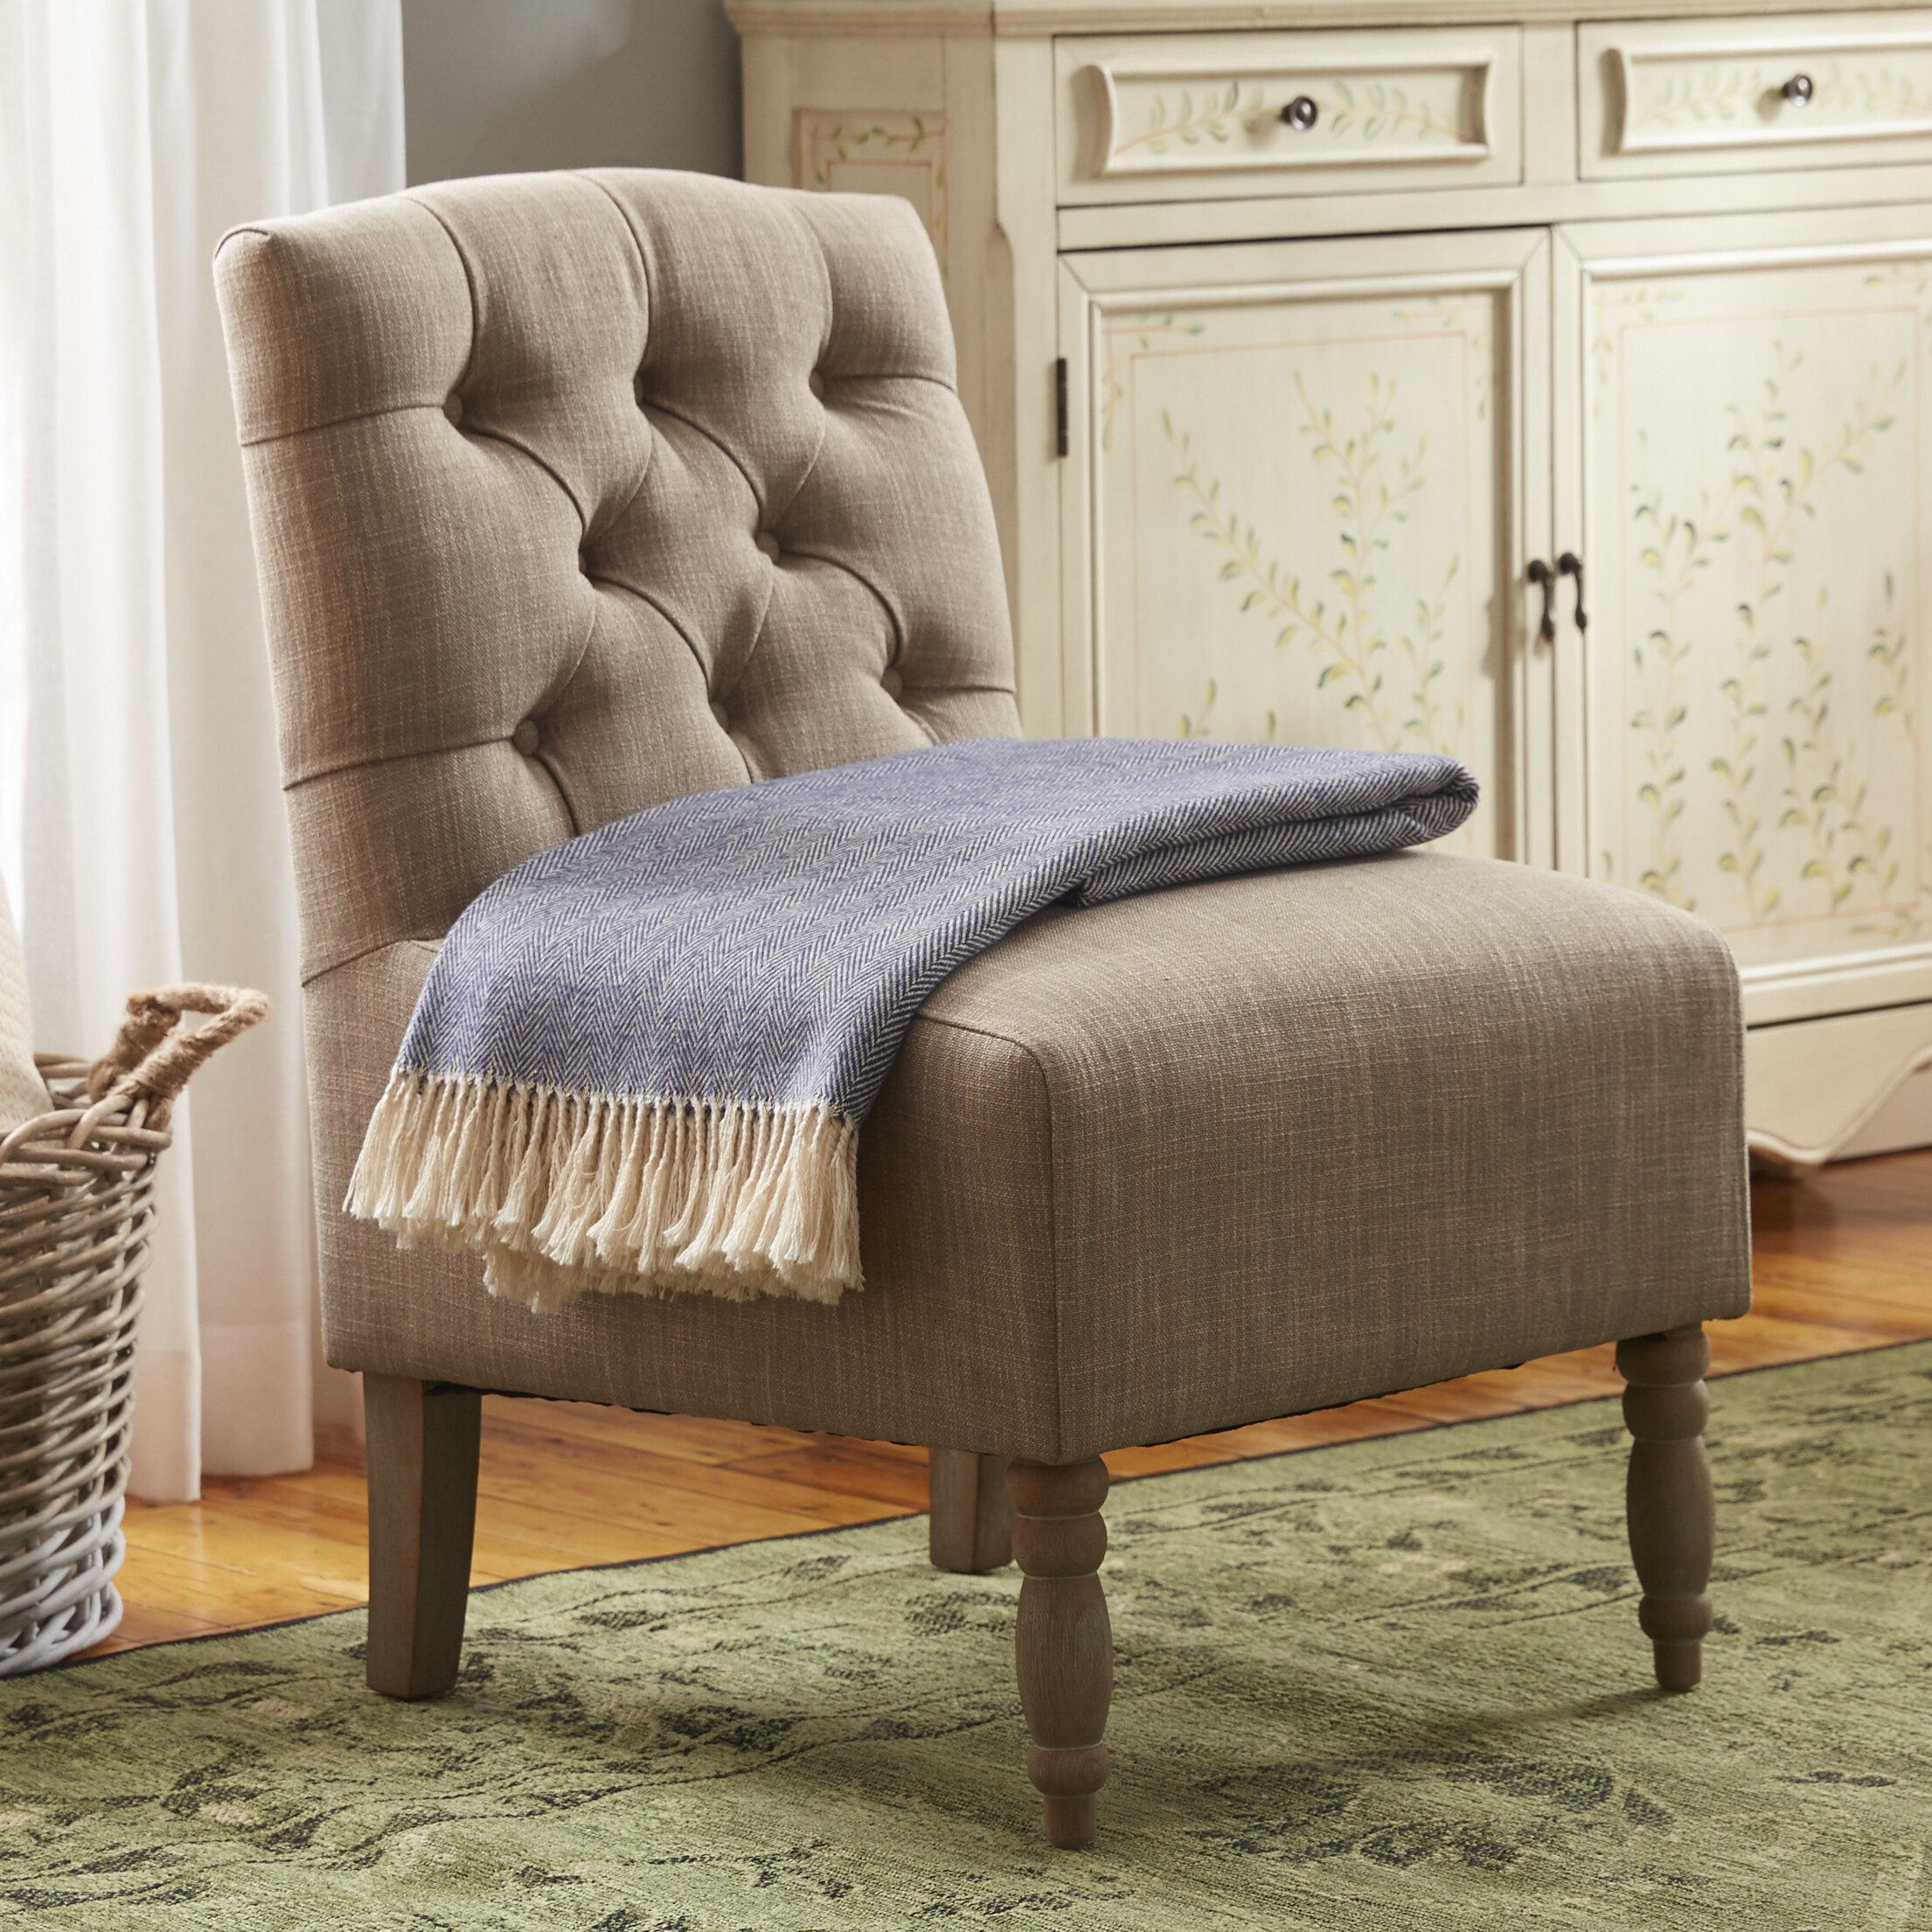 Charlton Home Roland Tufted Slipper Chair U0026 Reviews | Wayfair